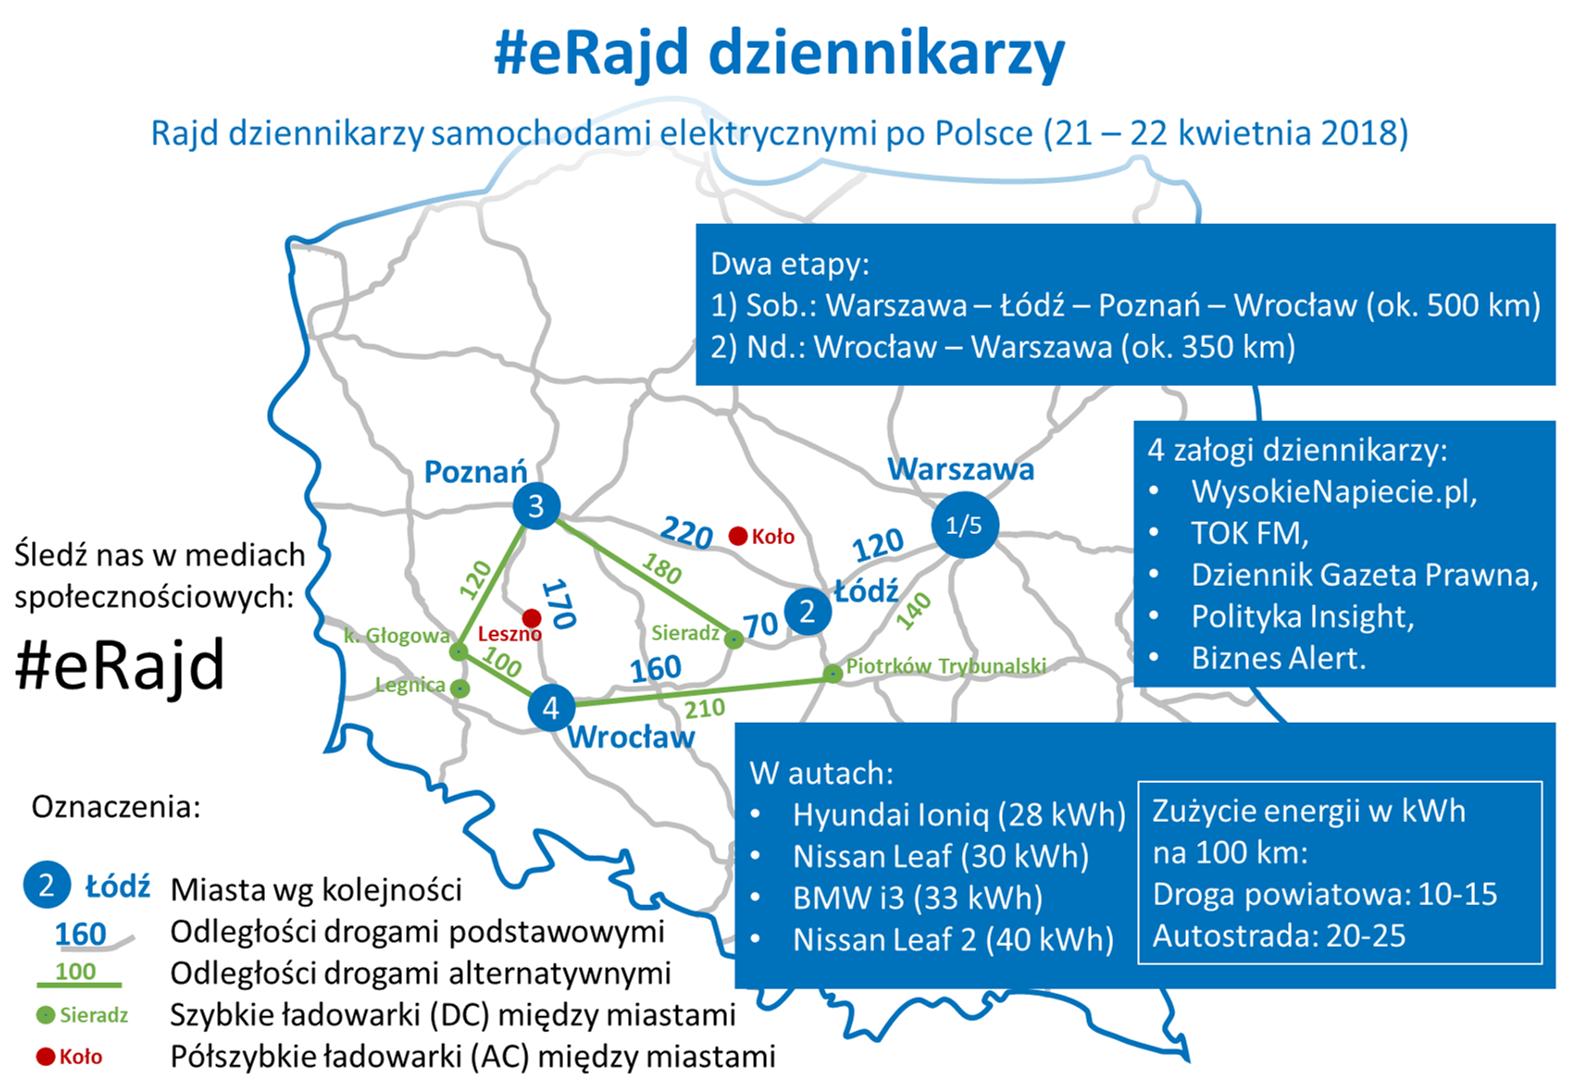 #eRajd dziennikarzy po Polsce